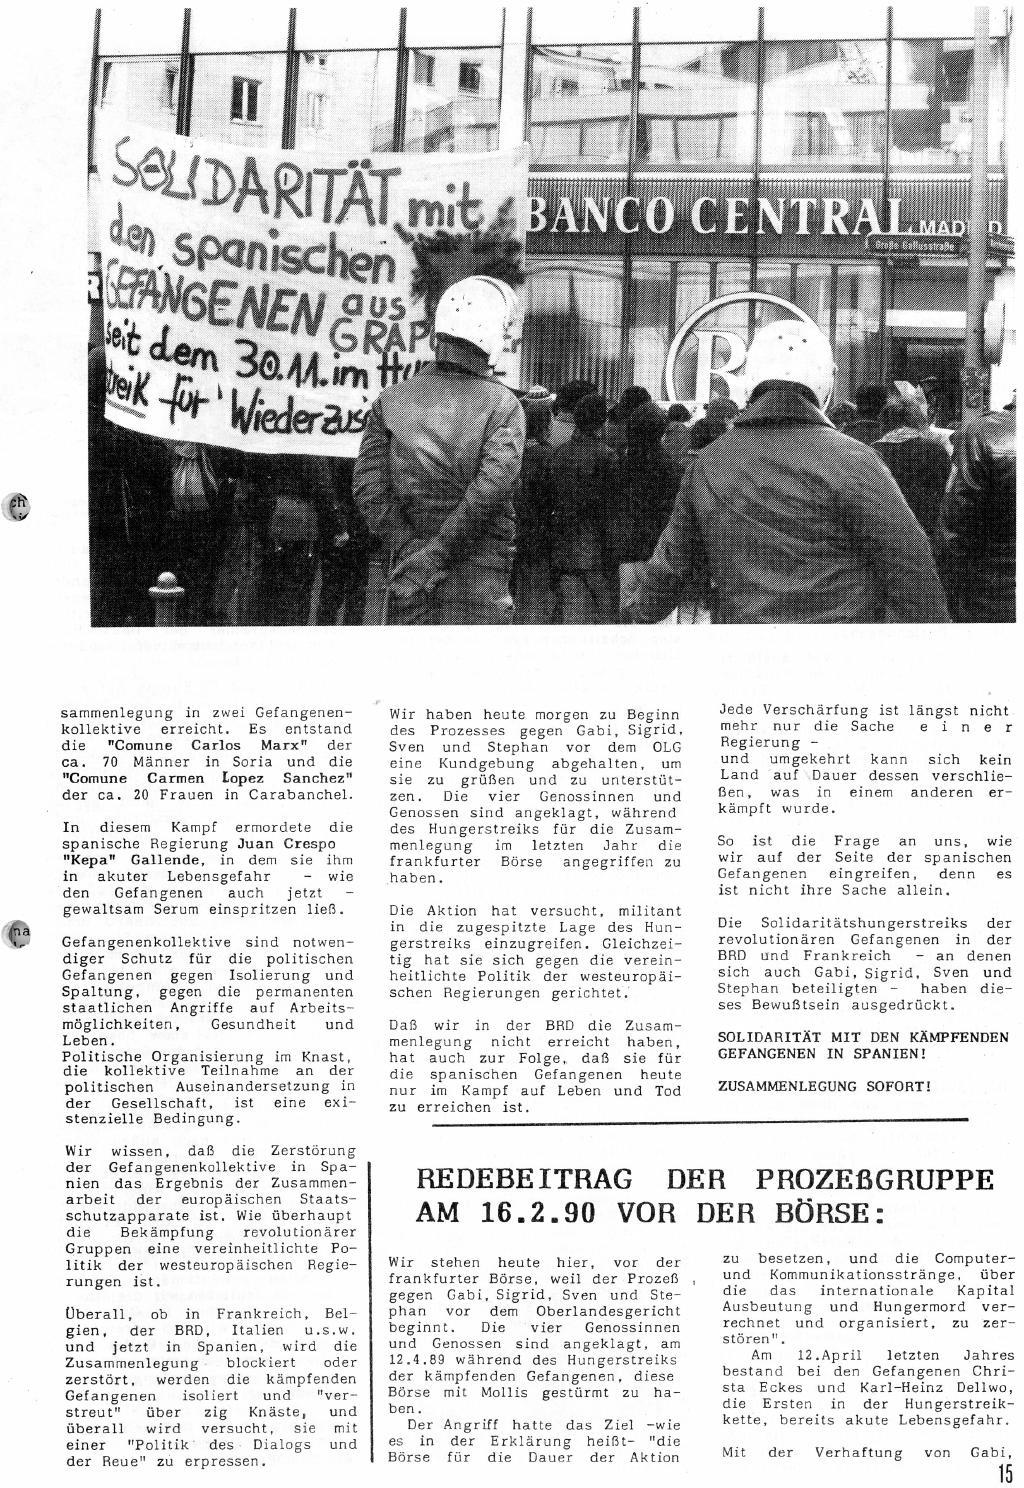 Frankfurt_Prozessinfo_Kein_Frieden_mit_den_Banken_1990_1_2_15